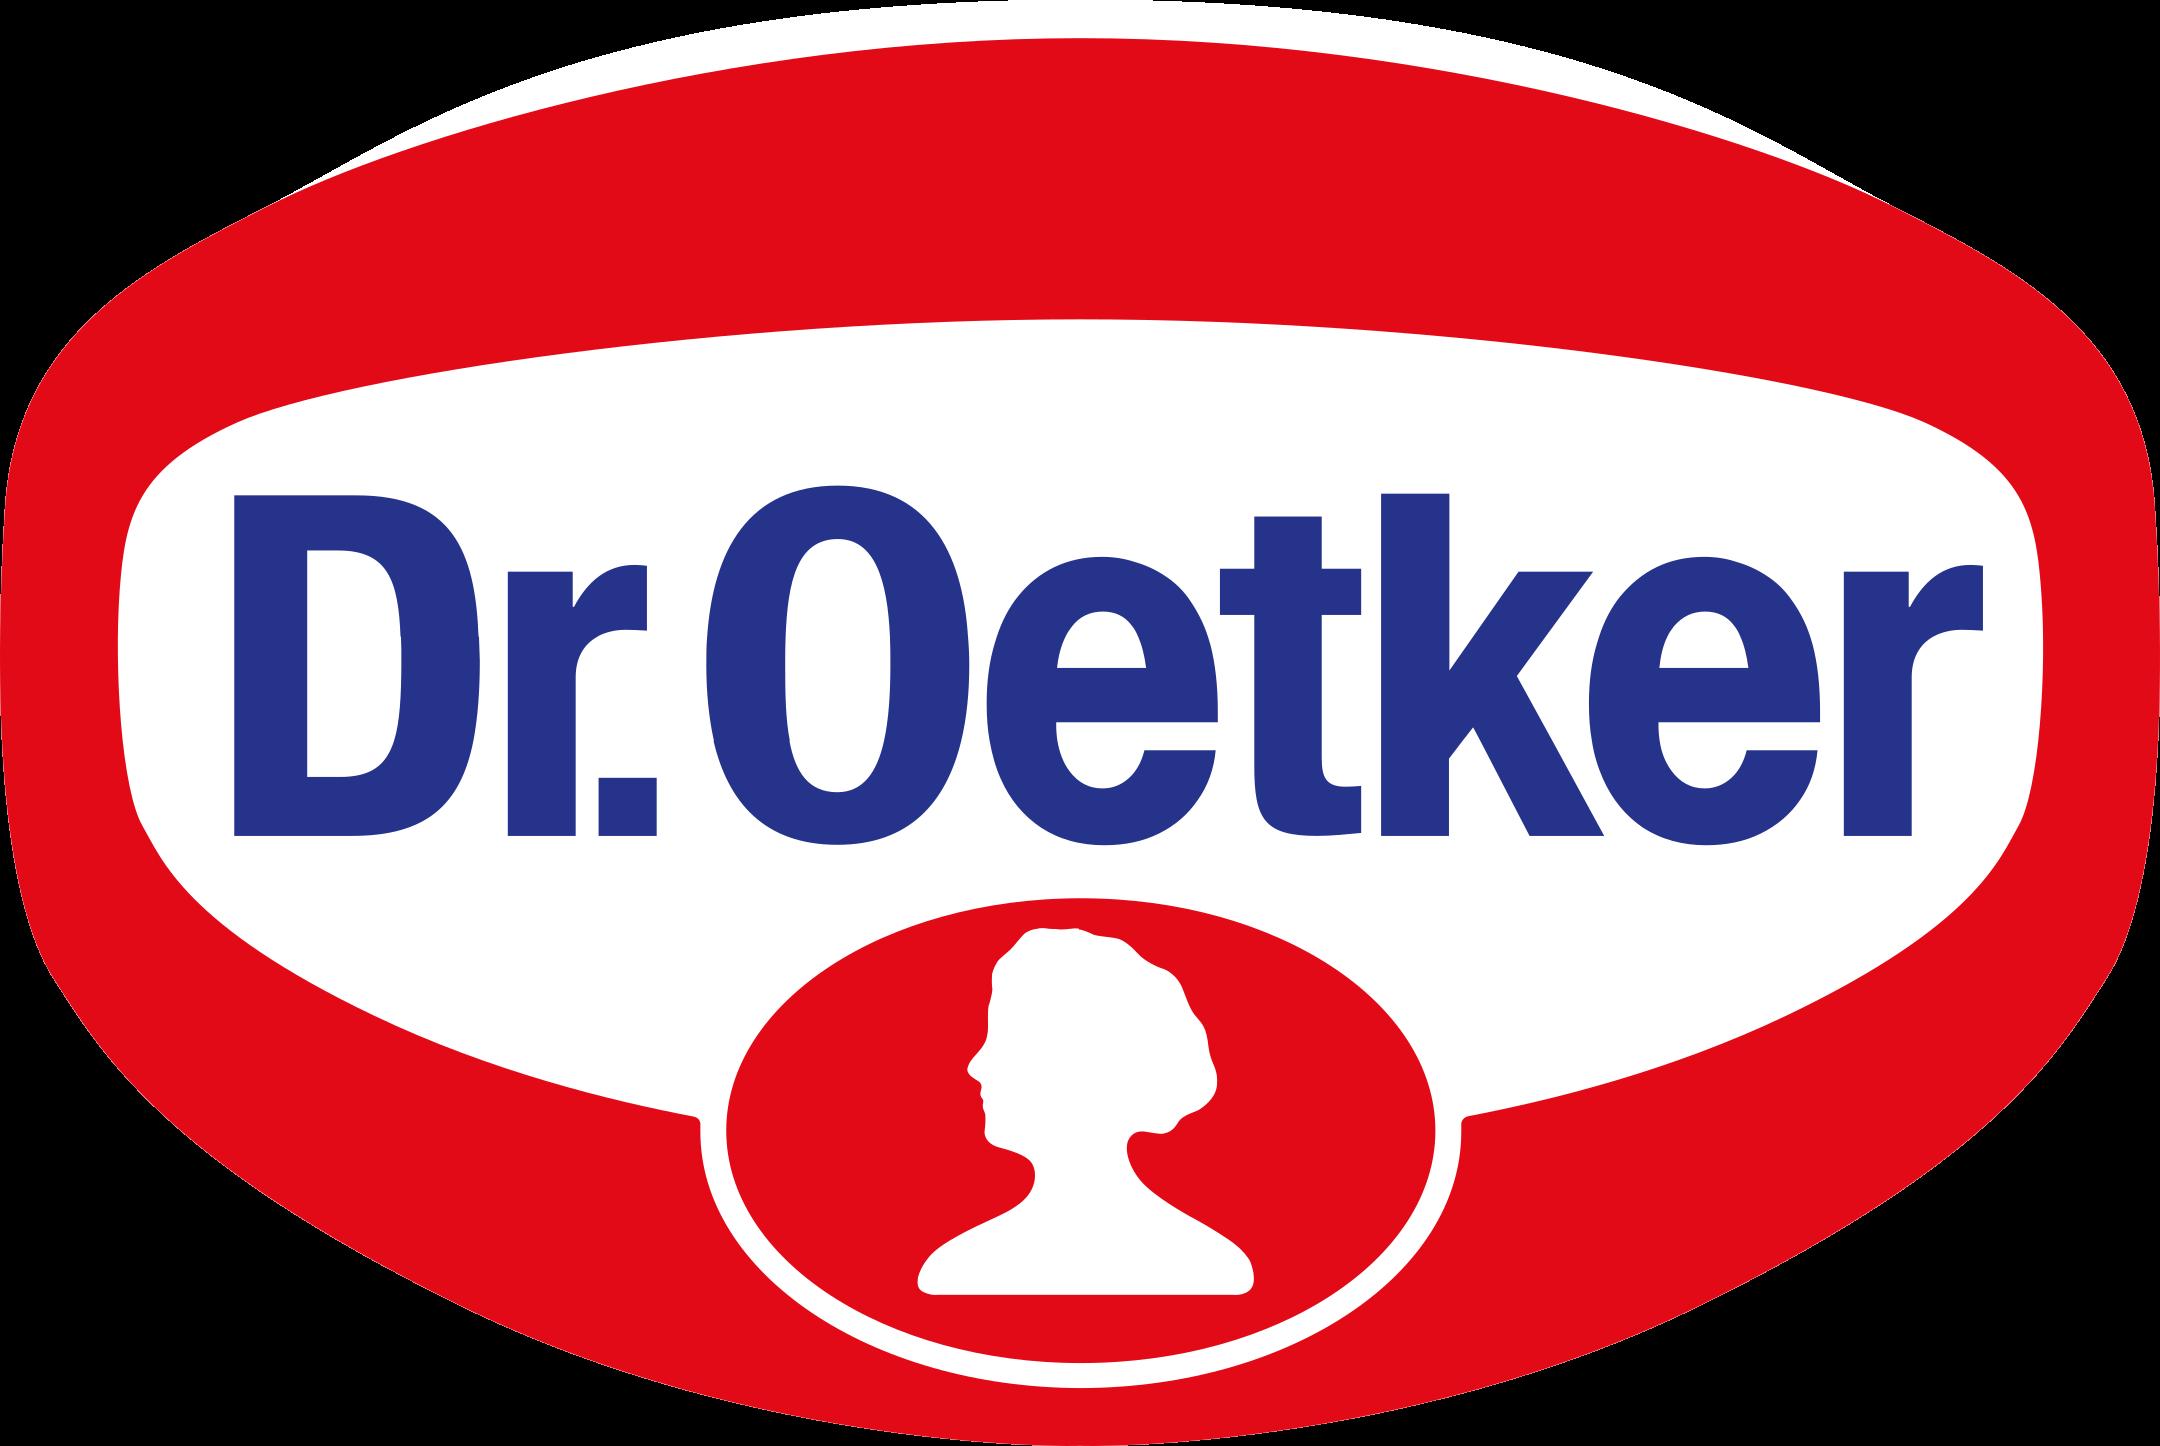 dr oetker logo 1 - Dr. Oetker Logo